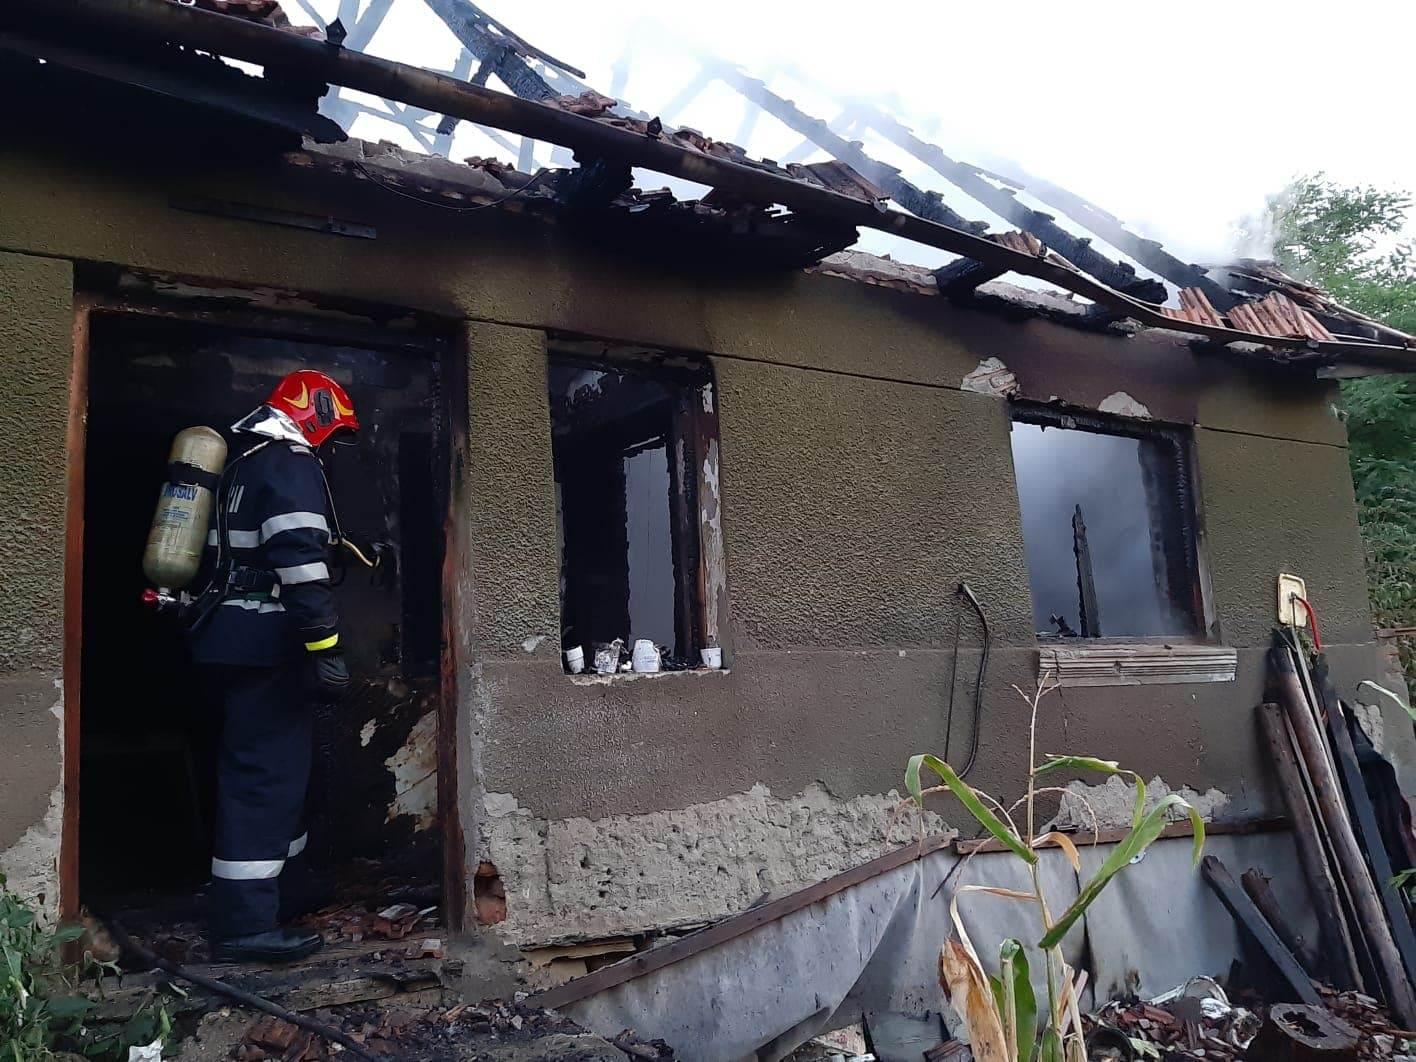 FOTO: Tragedie lângă Alba Iulia. O femeie a murit iar un bărbat a ajuns la spital în stare gravă